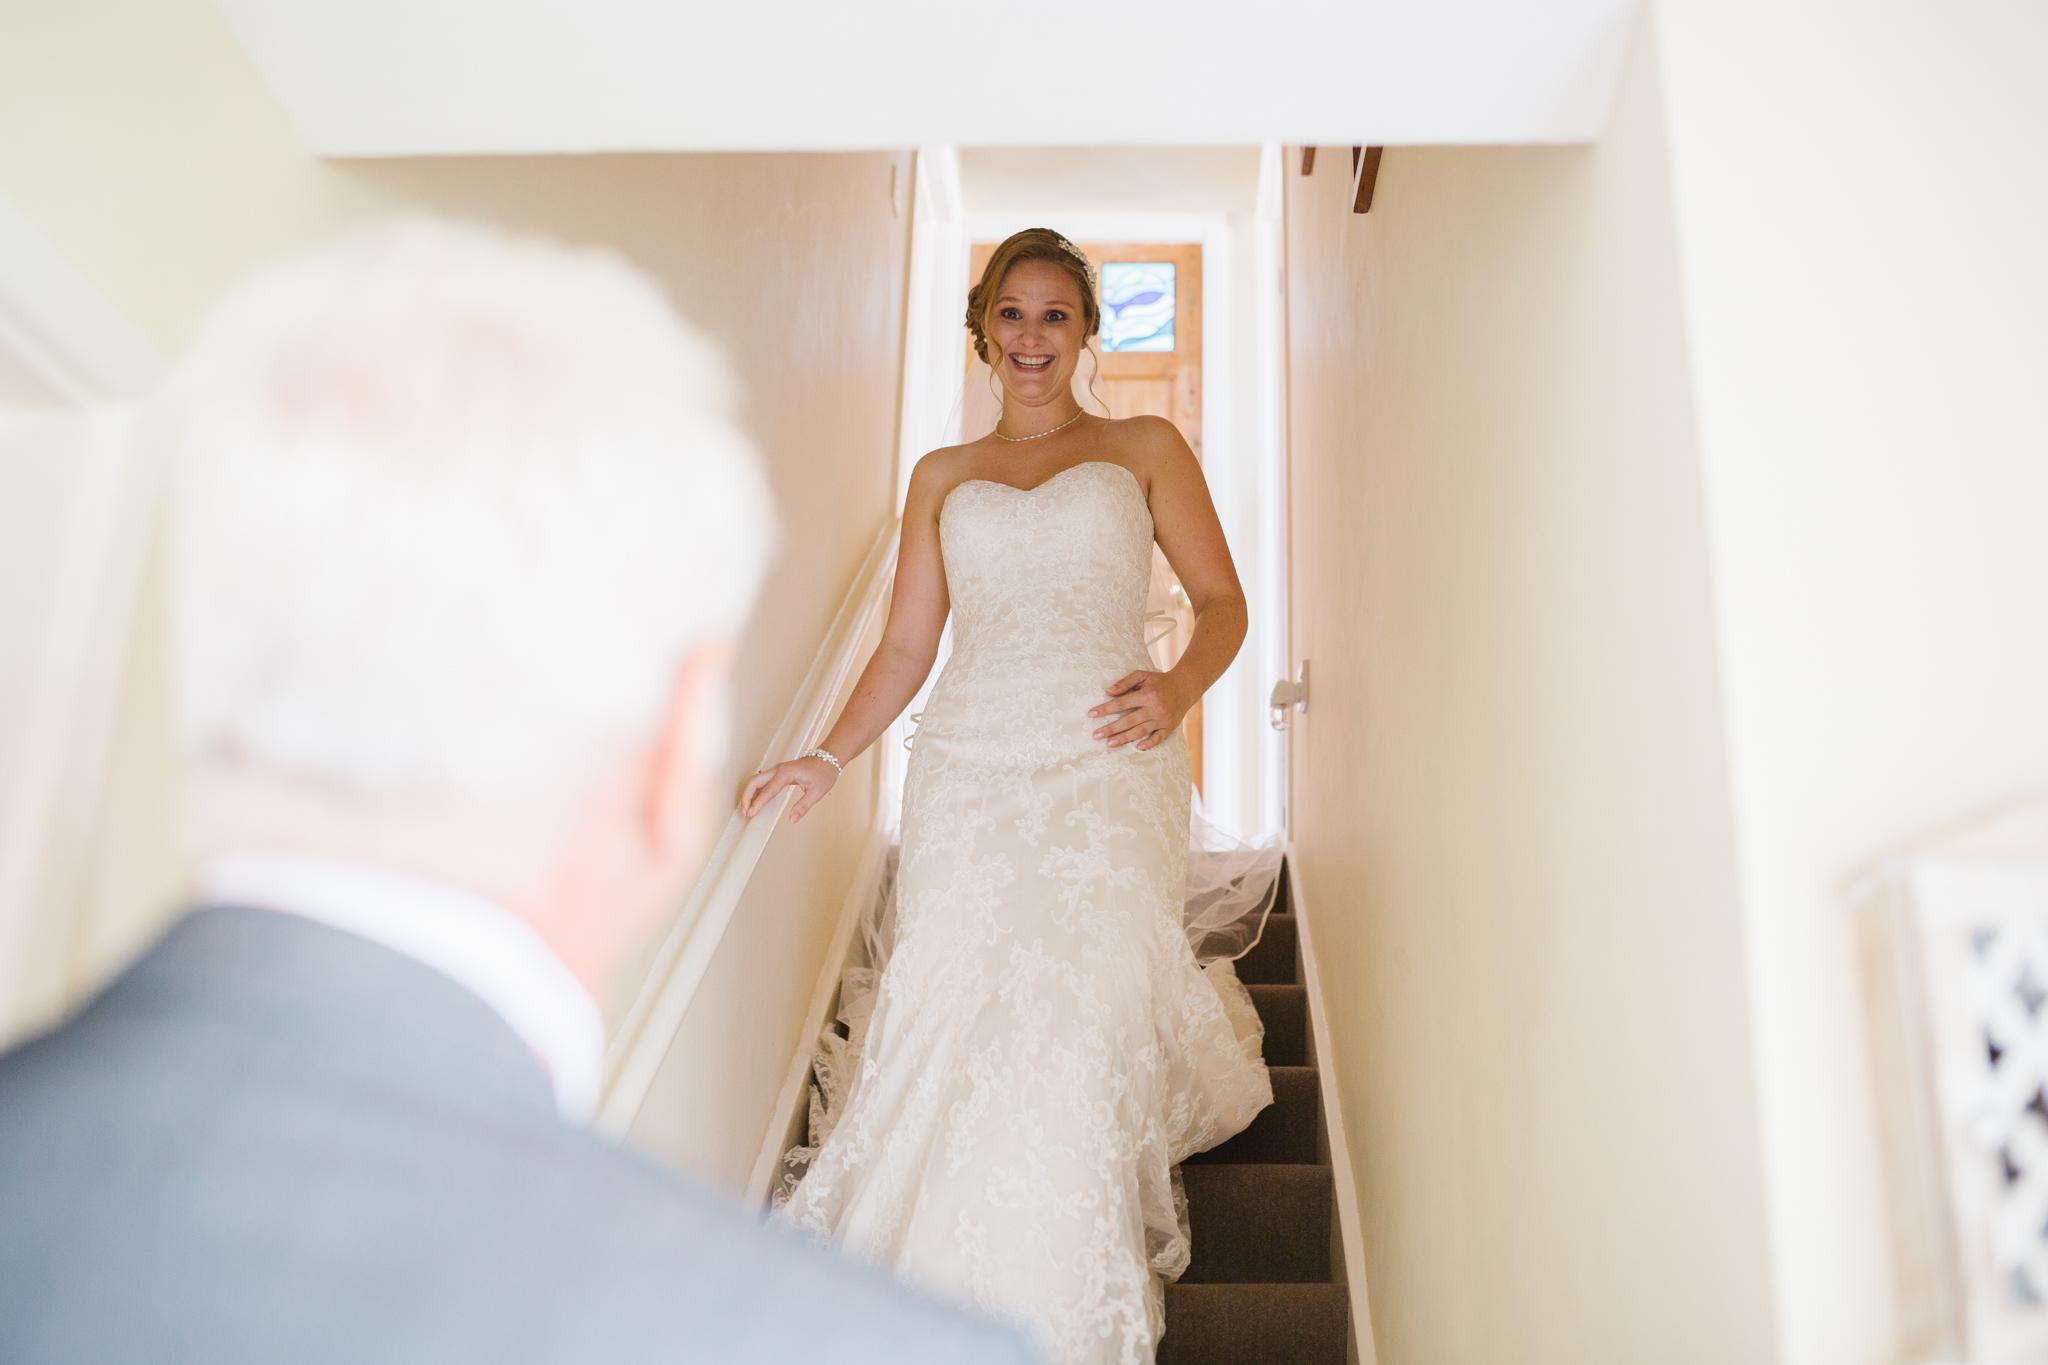 Simon_Rawling_Wedding_Photography-56.jpg